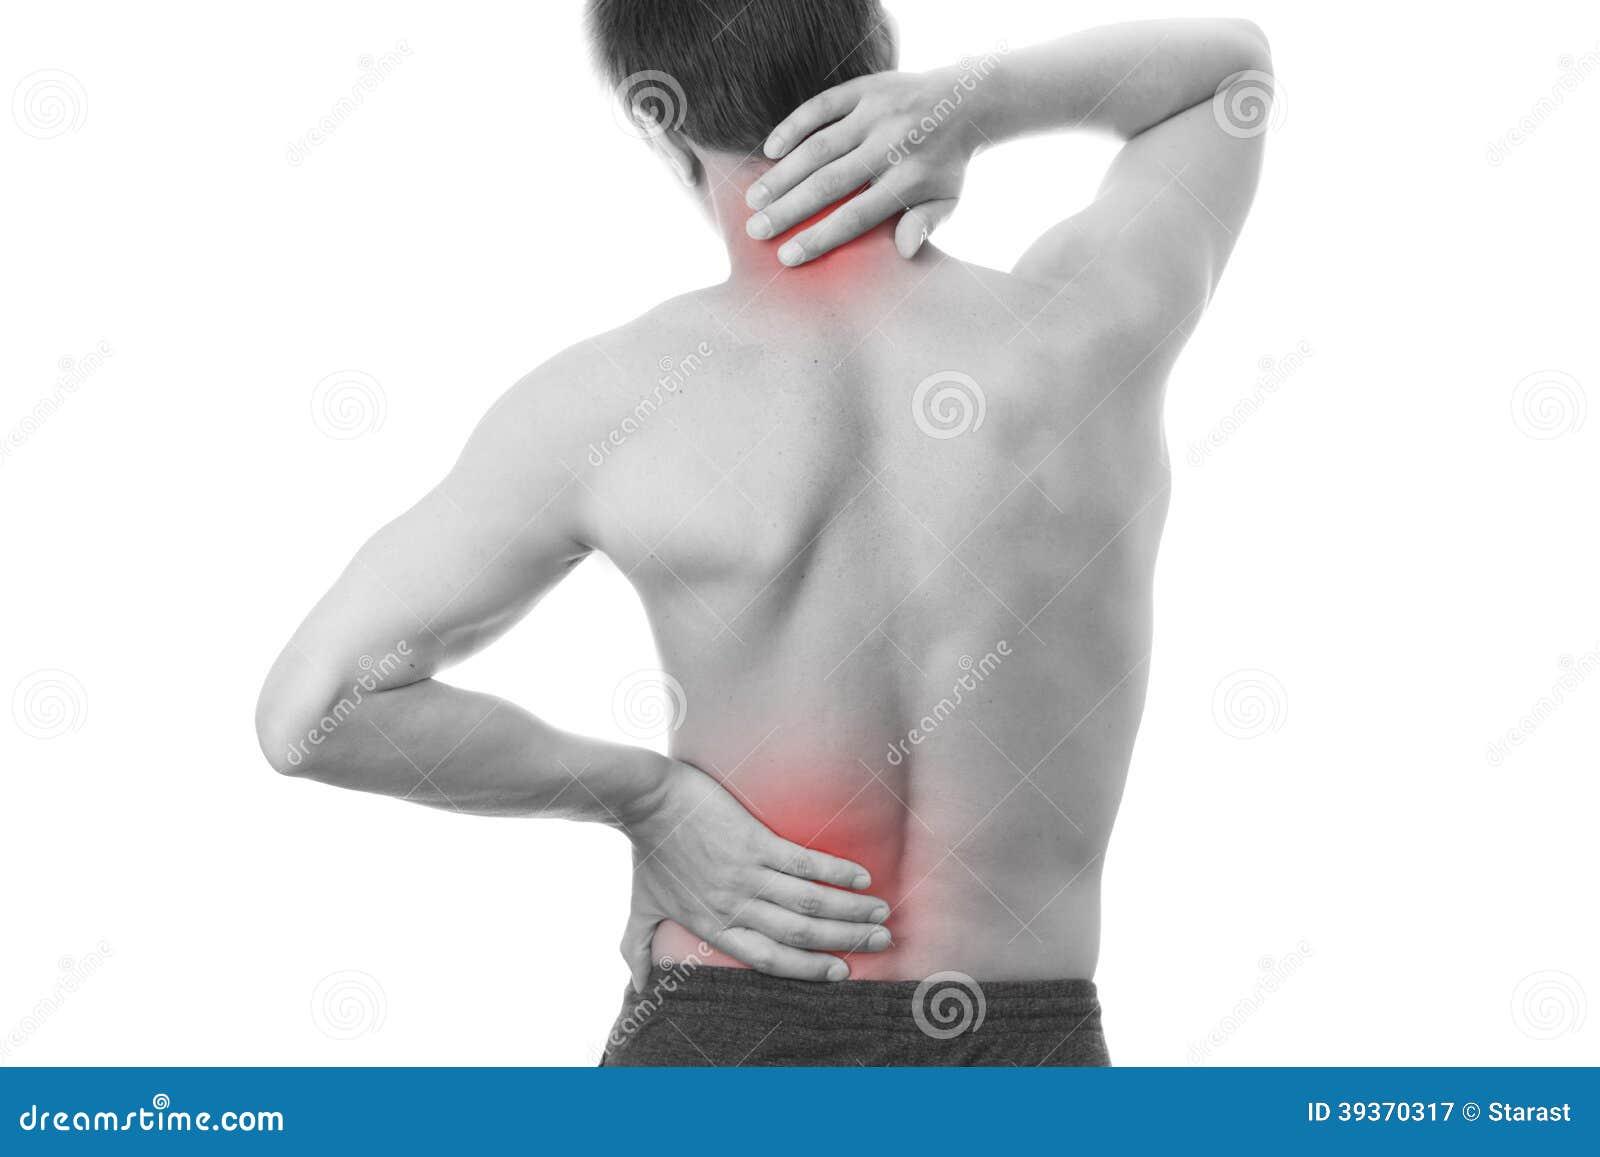 Douleurs de dos chez les hommes